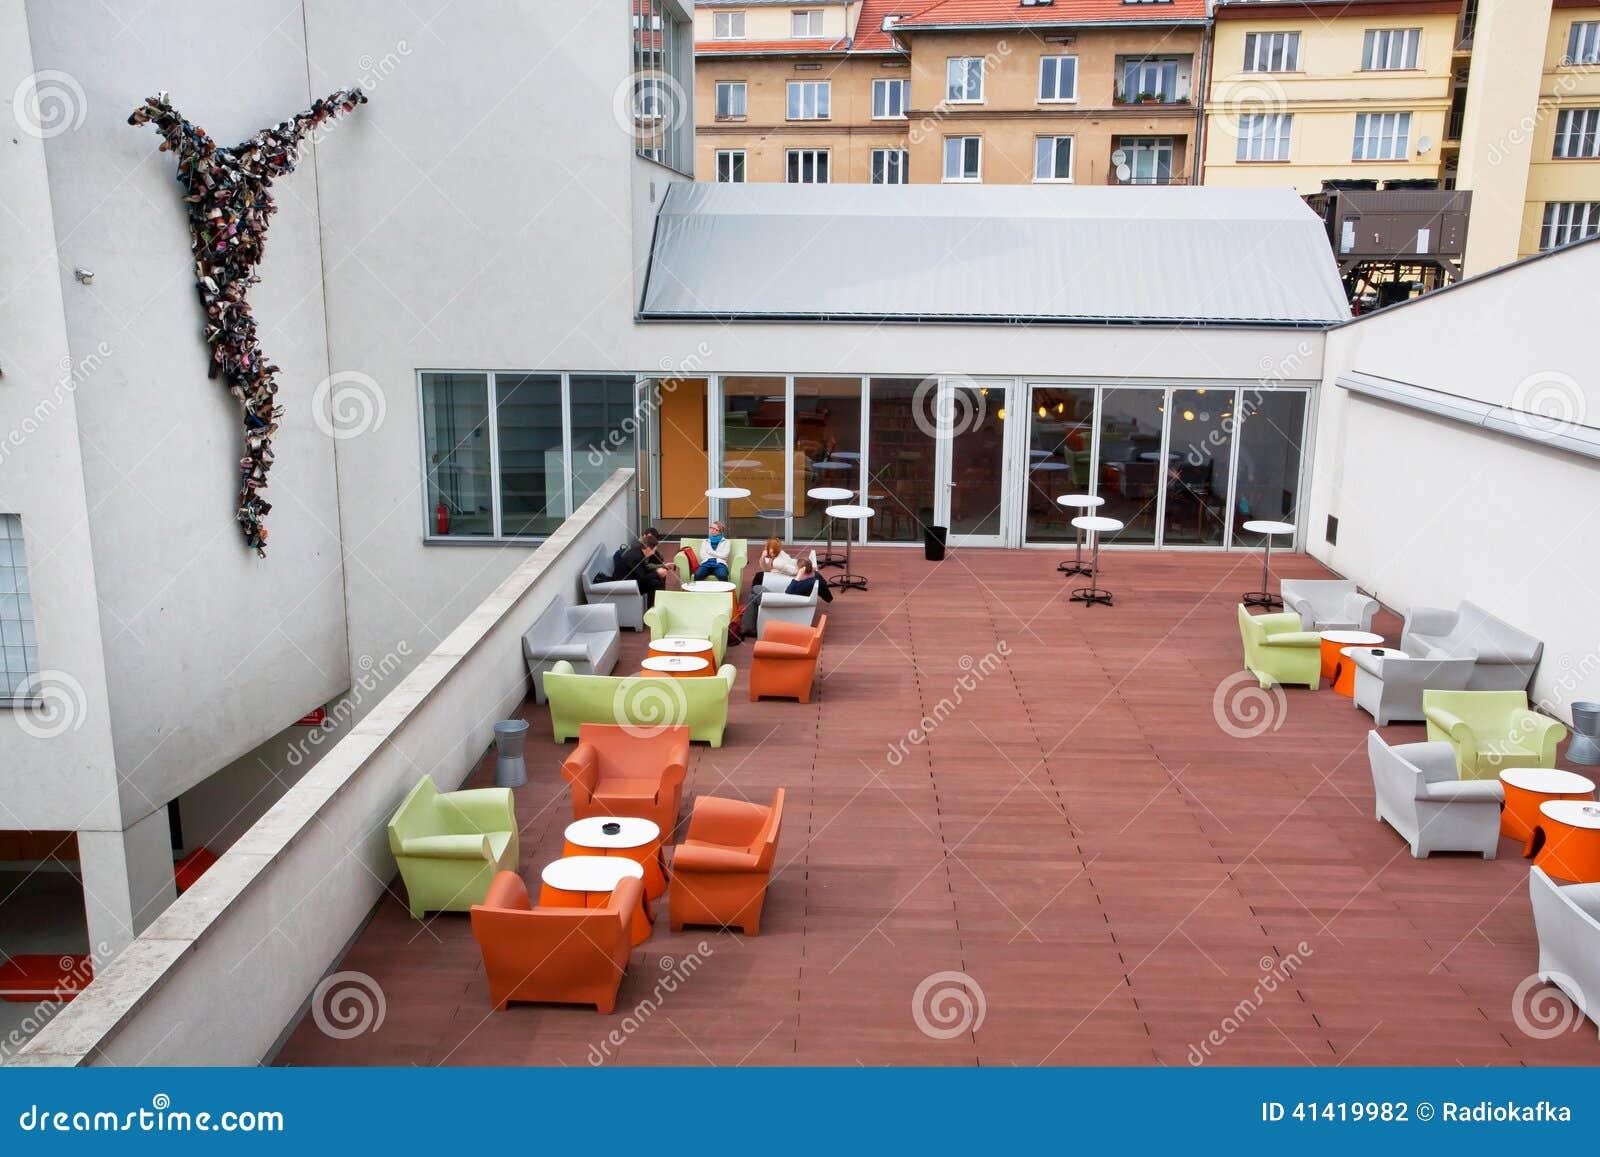 nouveau caf ext rieur de mus e d 39 art contemporain photographie ditorial image 41419982. Black Bedroom Furniture Sets. Home Design Ideas